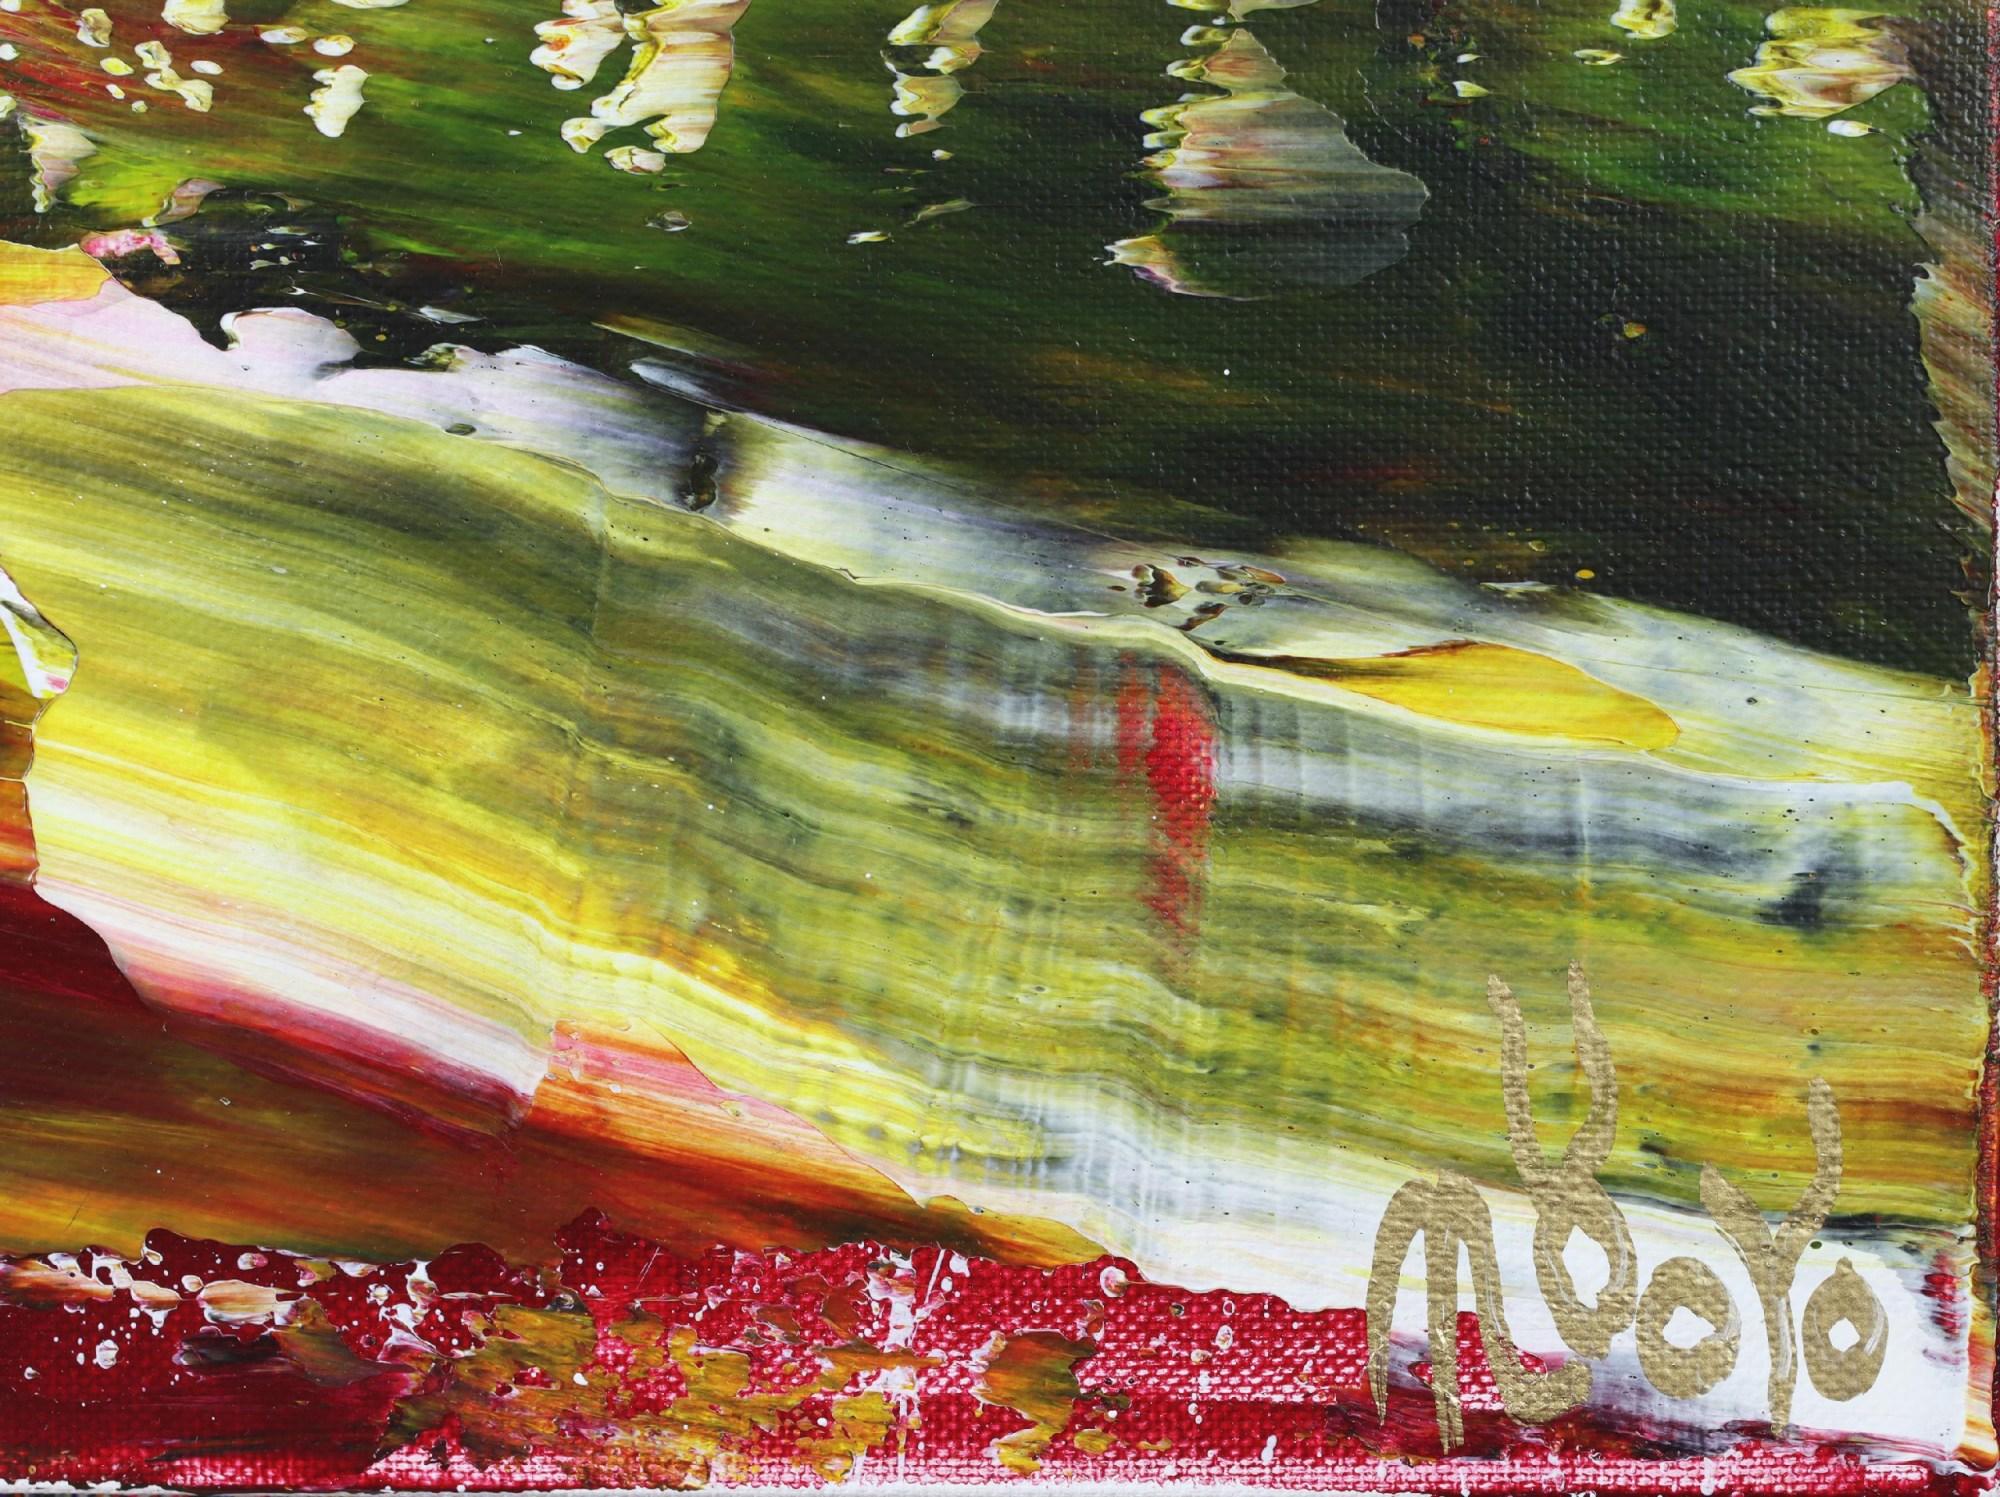 Signature / Moss and Rust (2021) 20x24 in / Artist: Nestor Toro